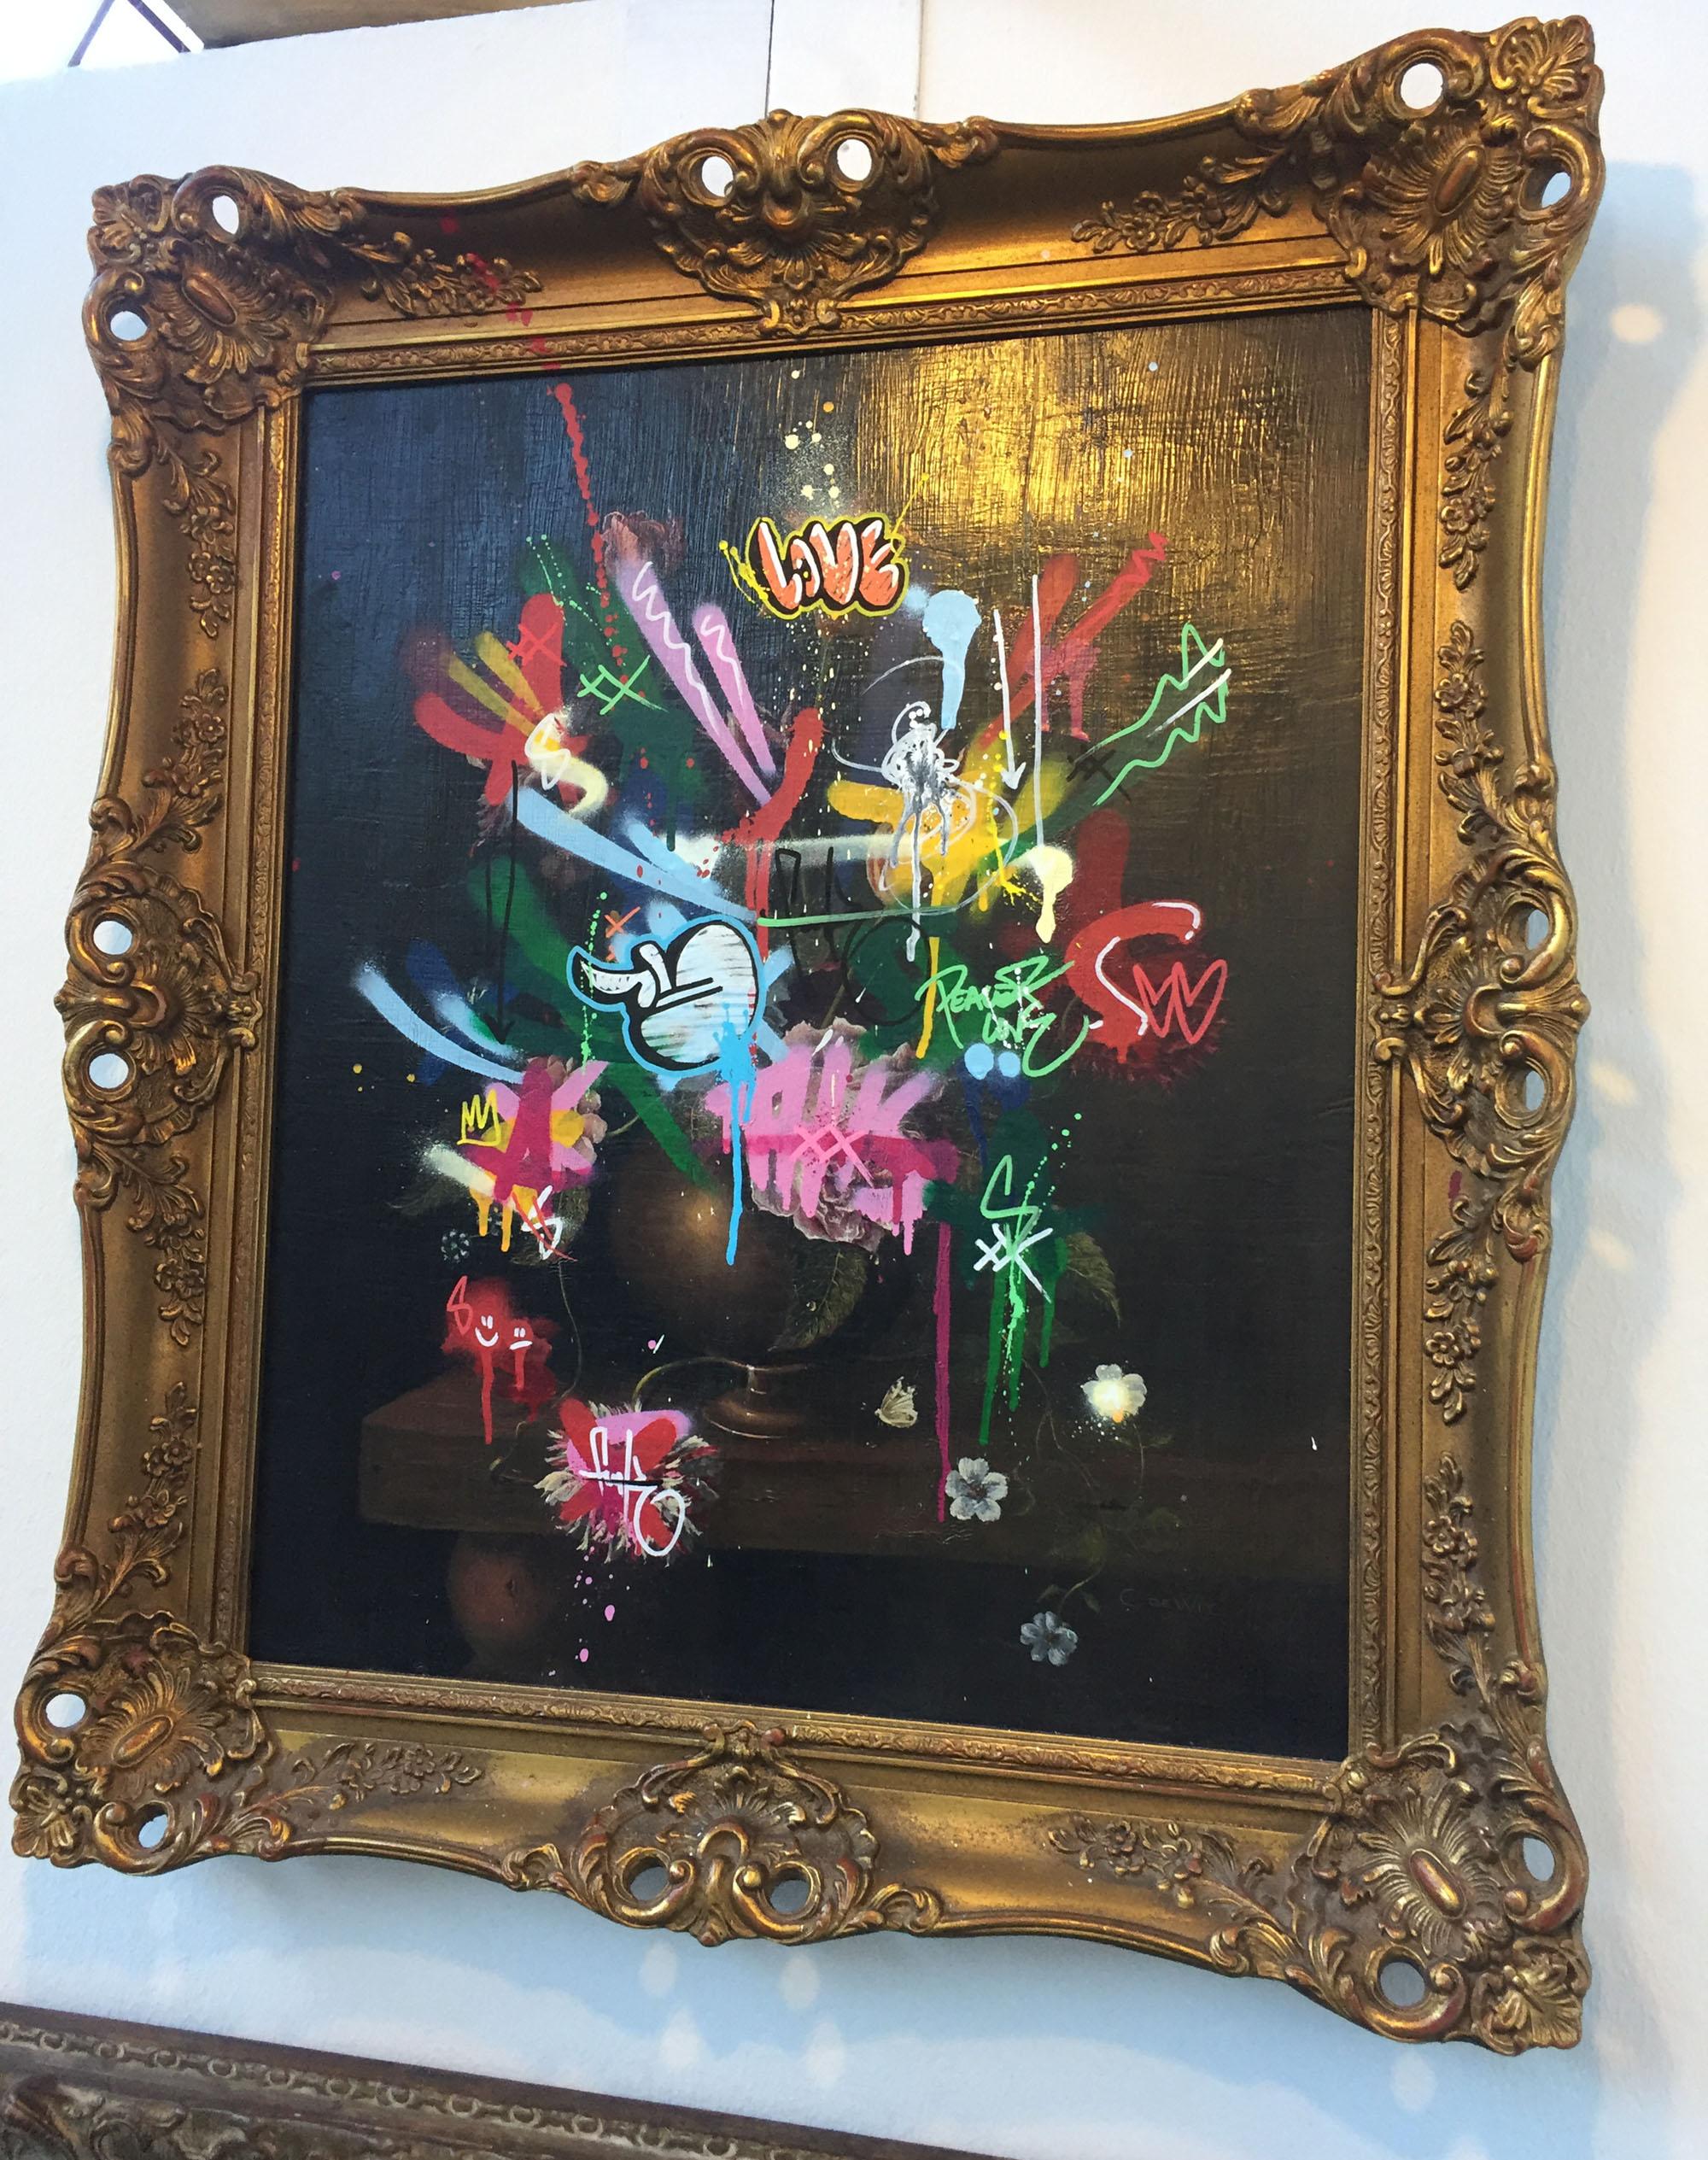 Coverage: Stroke Art Fair 2017 Artes & contextos Str 10